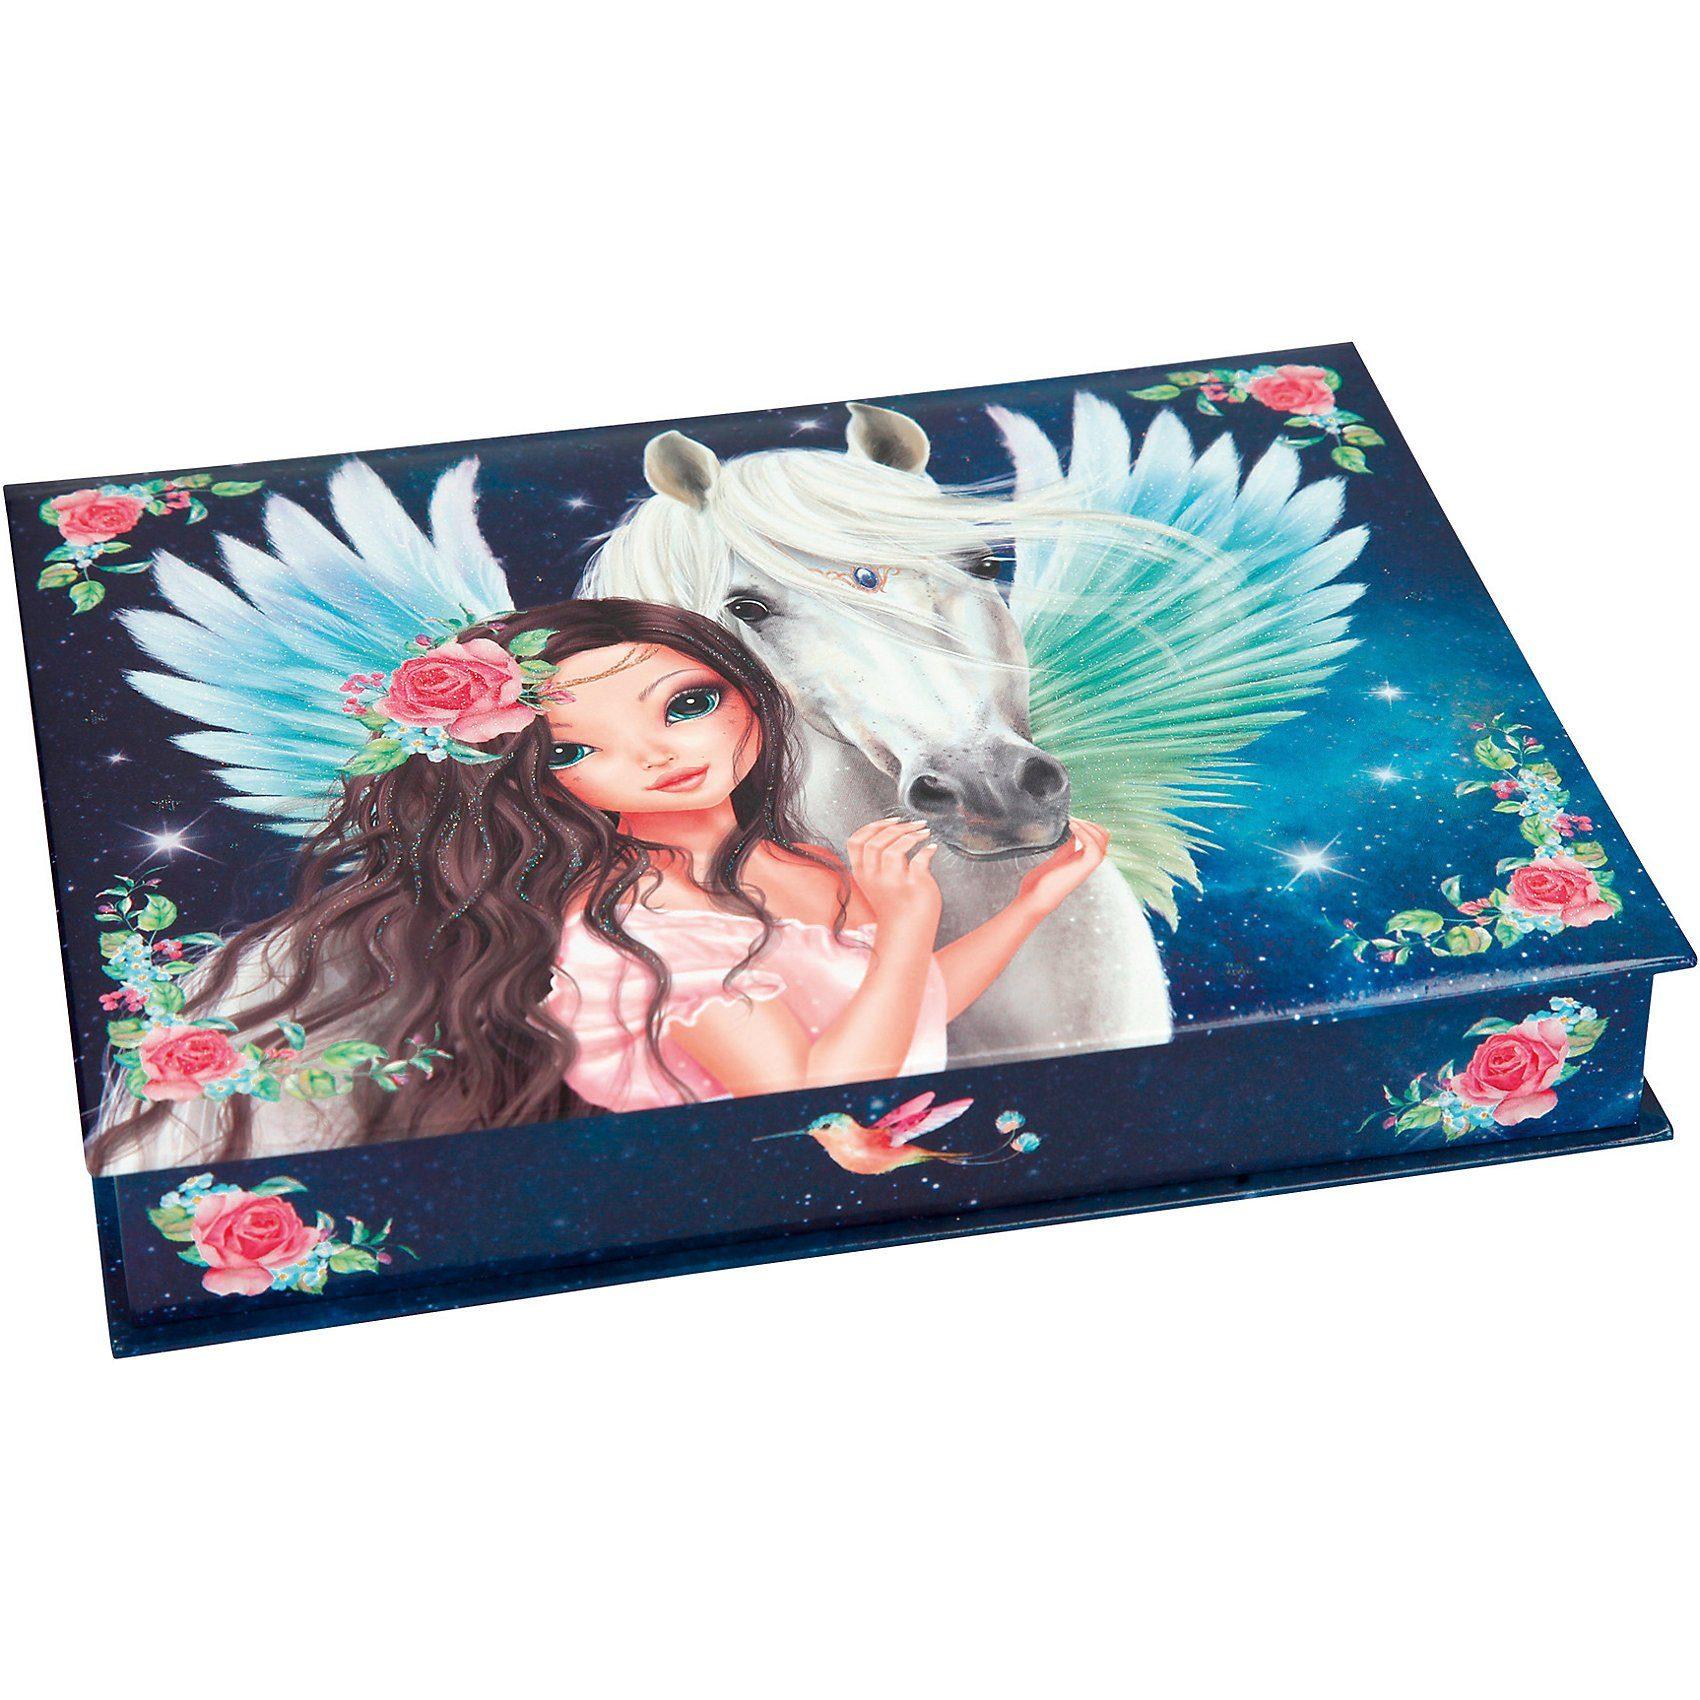 Depesche Fantasy Model Schreibwarenbox, Motiv 2